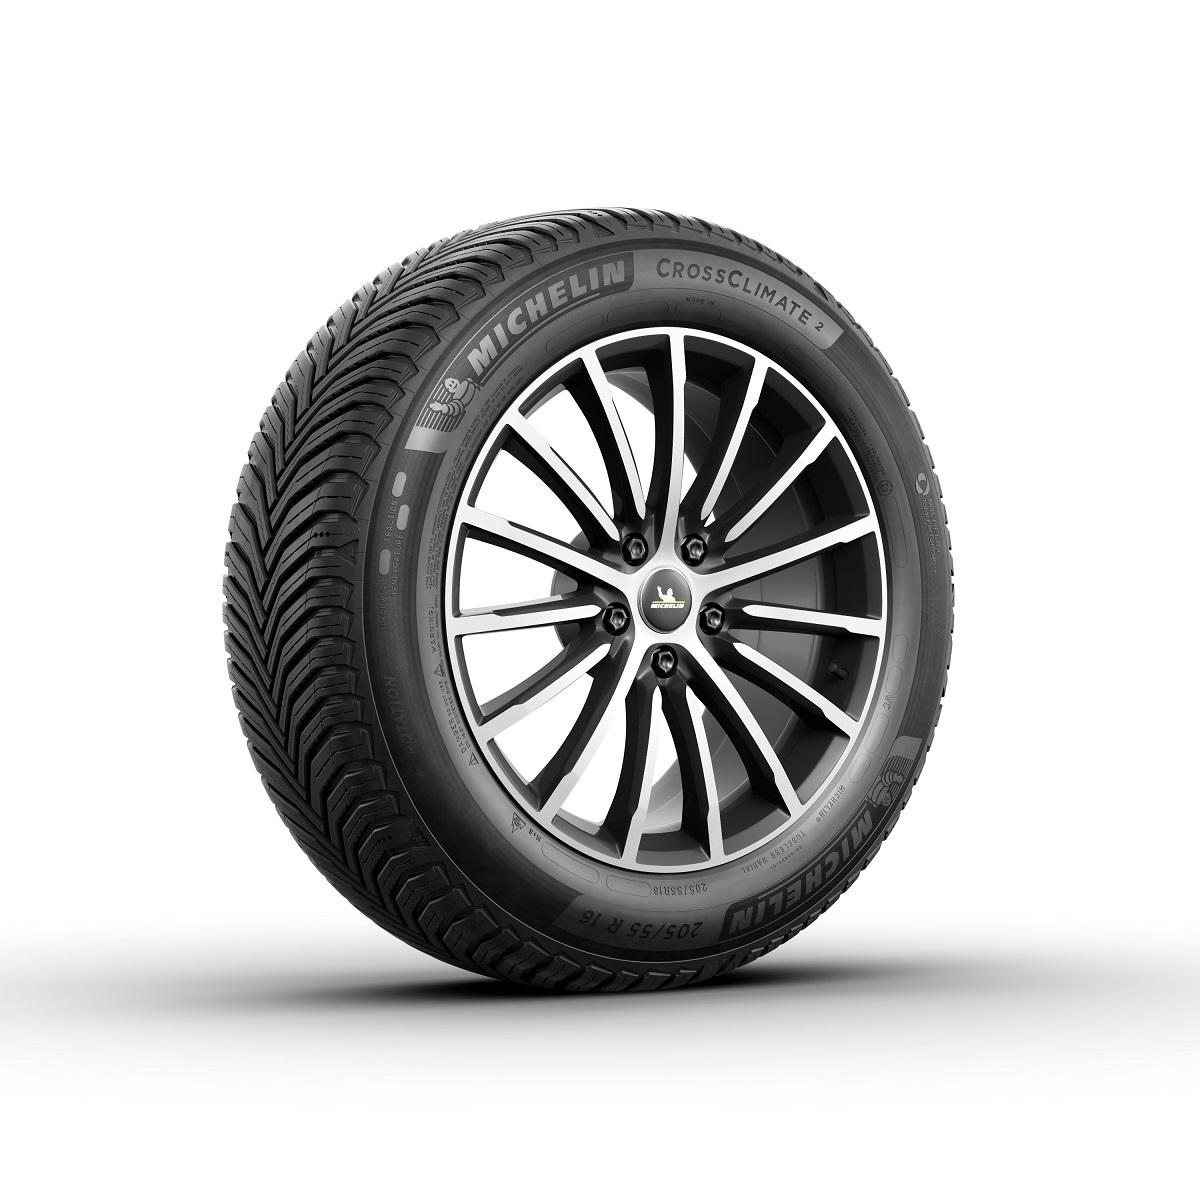 MichelinCrossClimate2-4.jpg